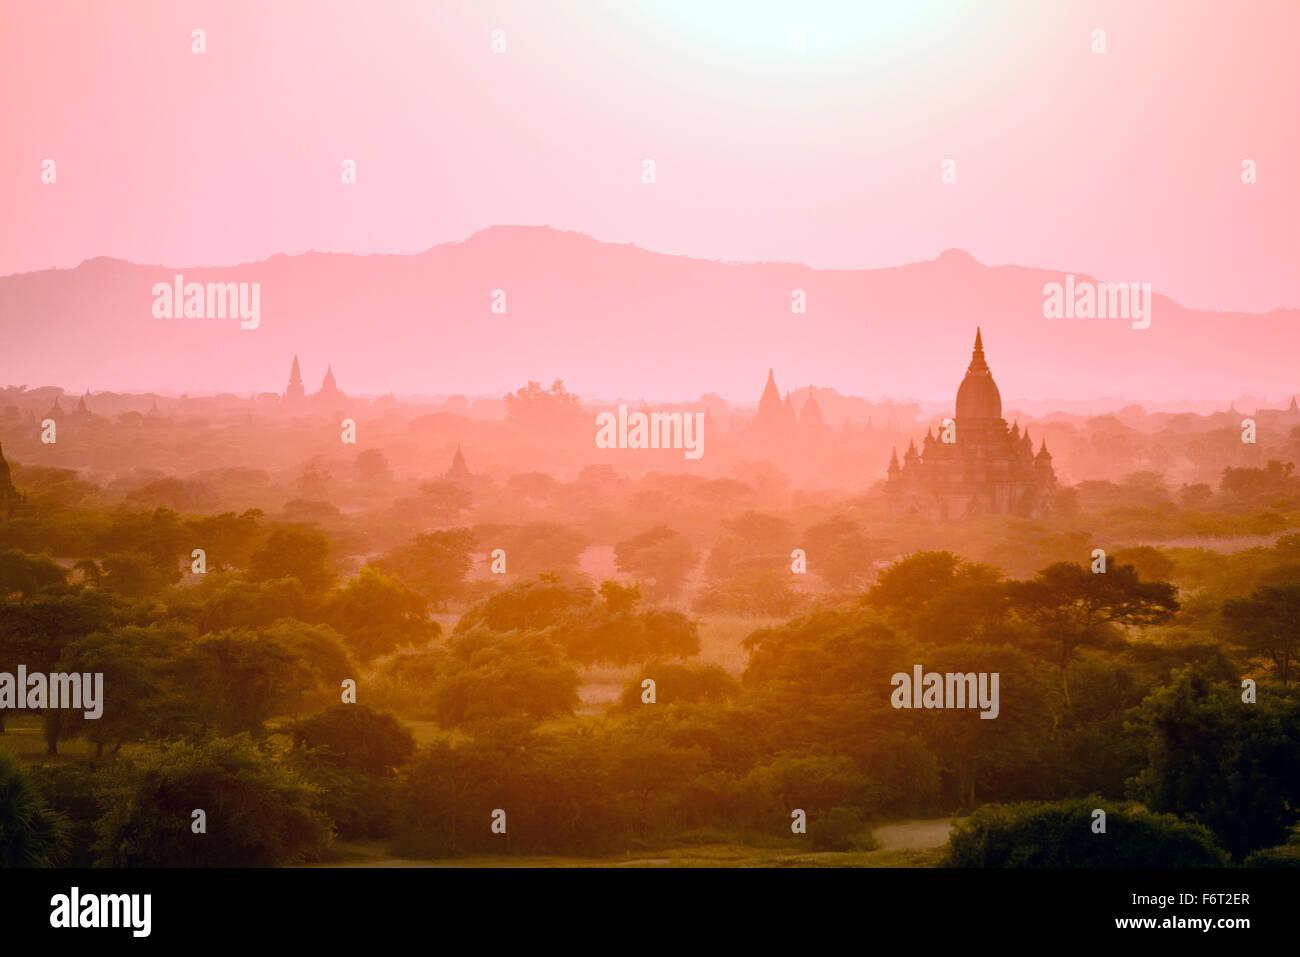 Türme in nebligen Landschaft Stockbild